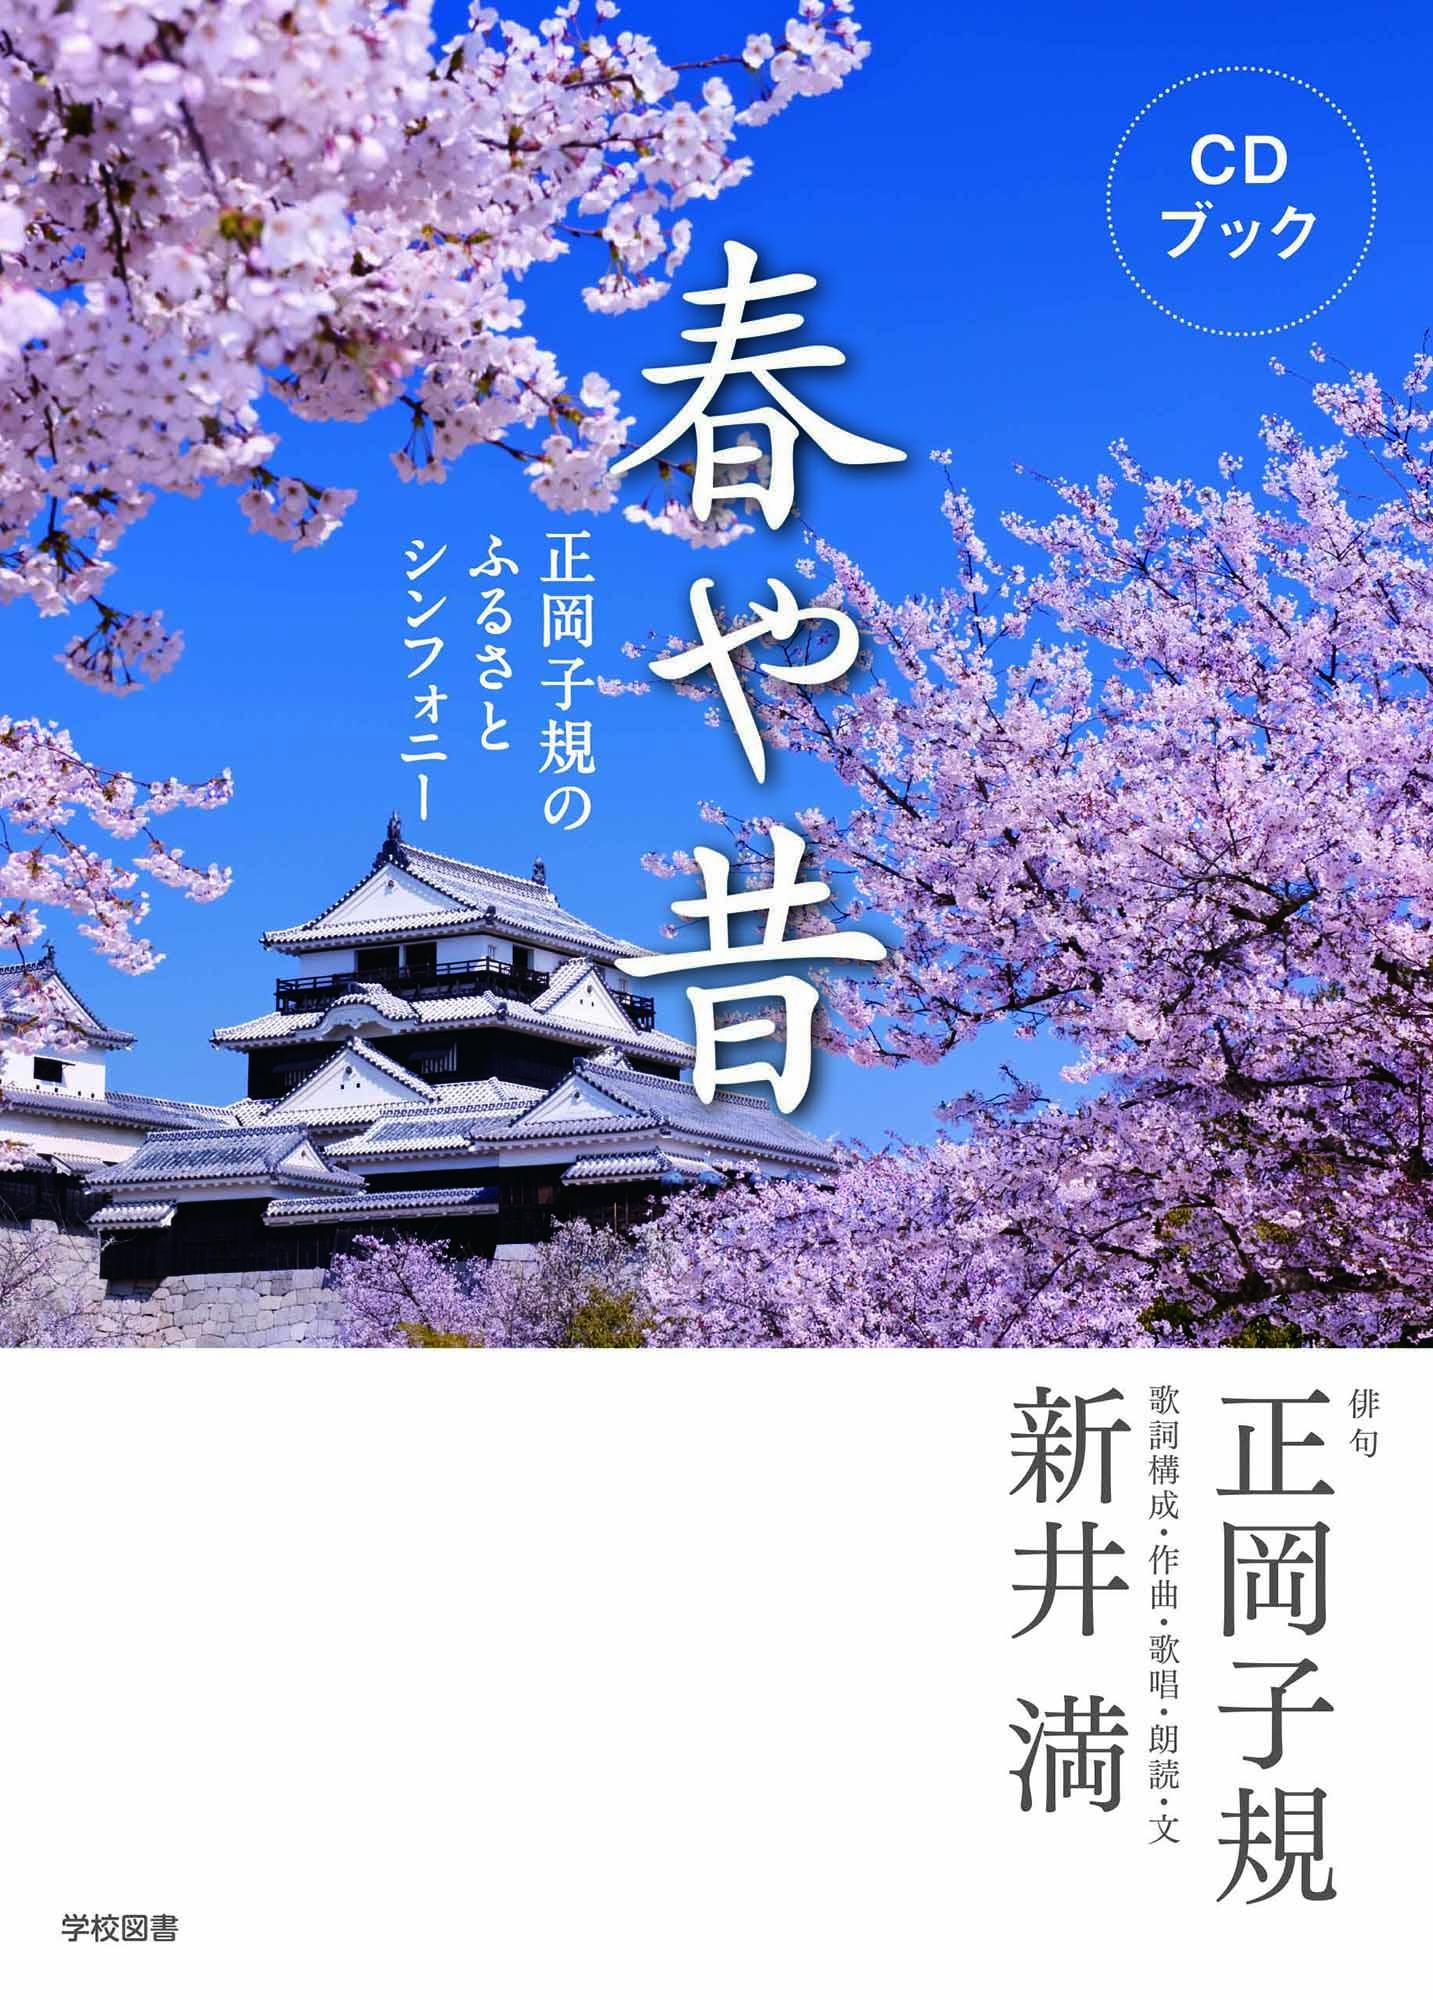 春や昔 -正岡子規のふるさとシンフォニー-